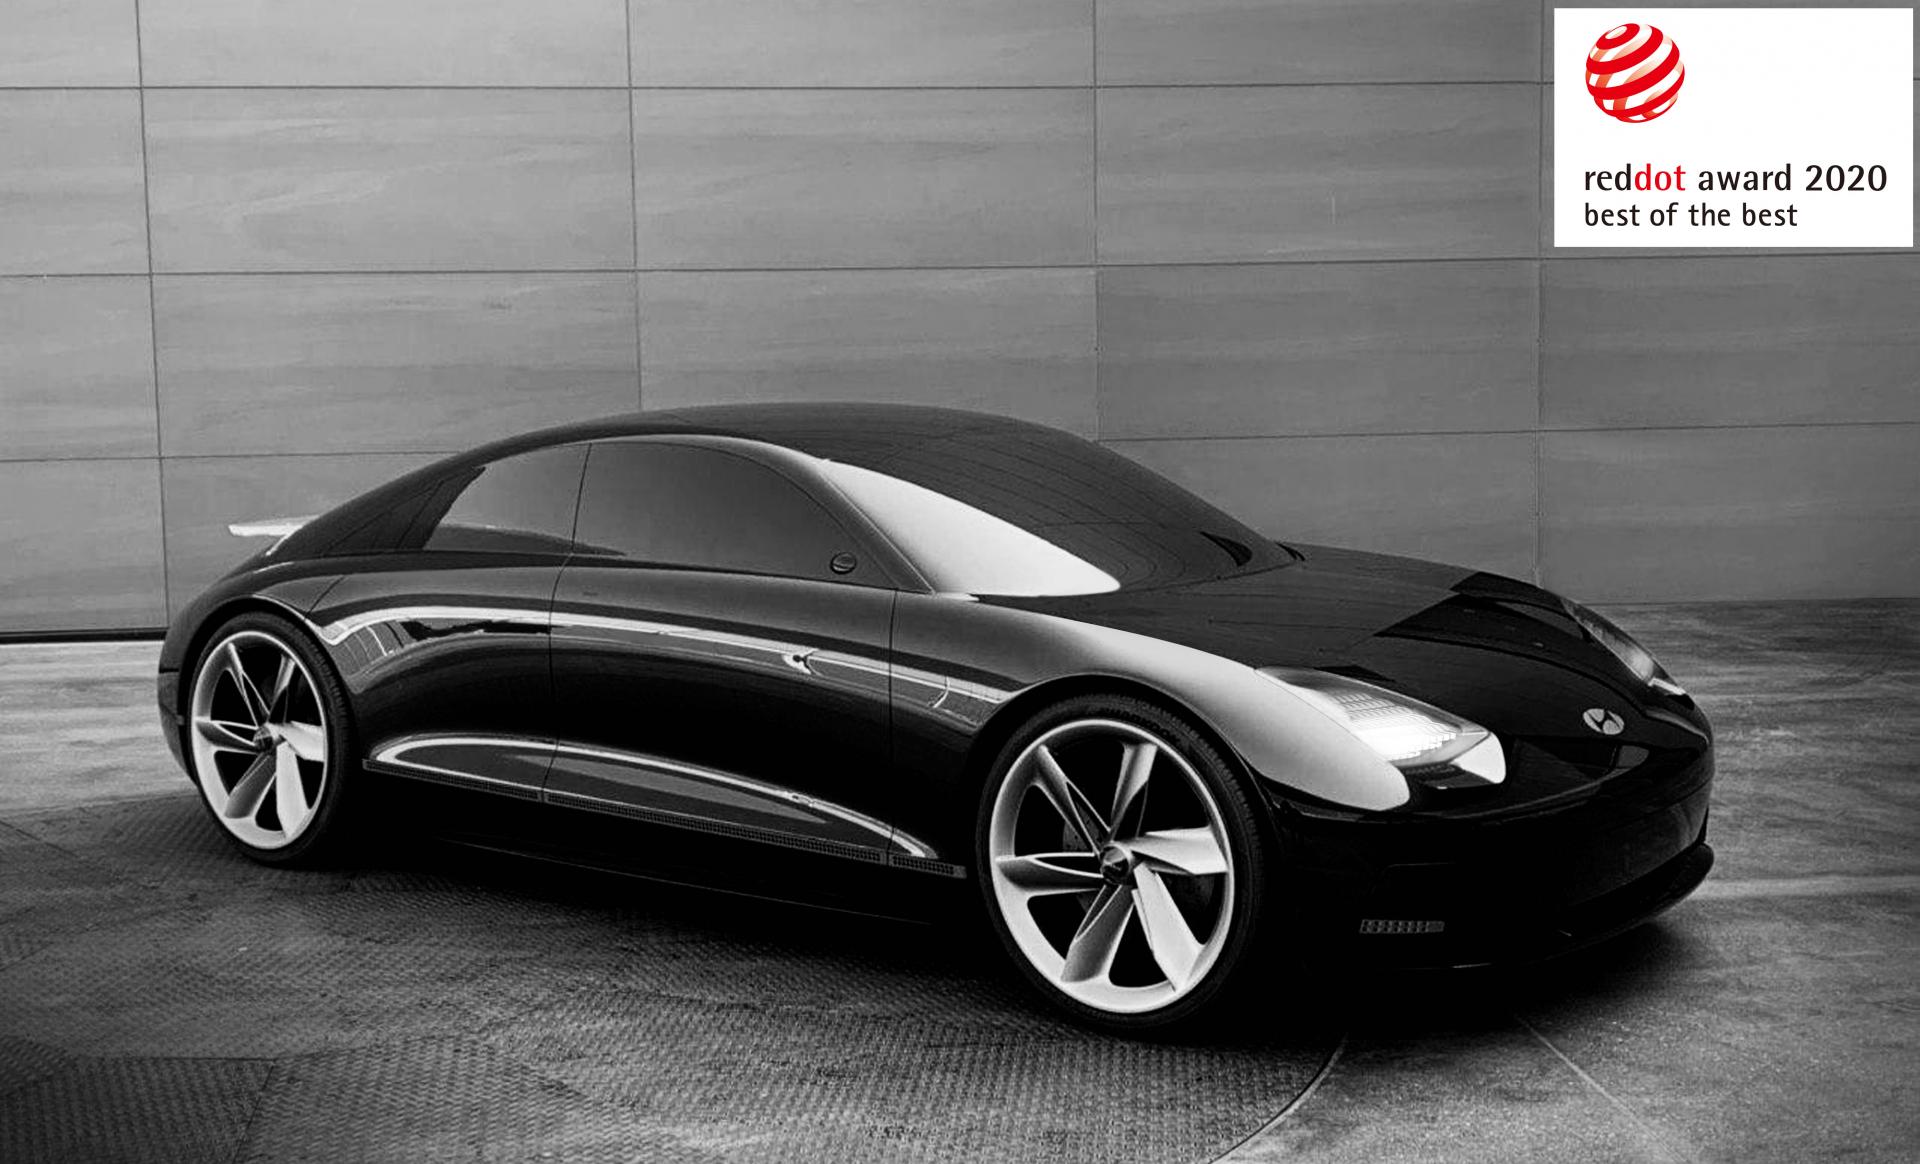 Компанія Hyundai Motor отримала три нагороди Red Dot Award 2020 за концептуальний дизайн | Базис-Авто - фото 14